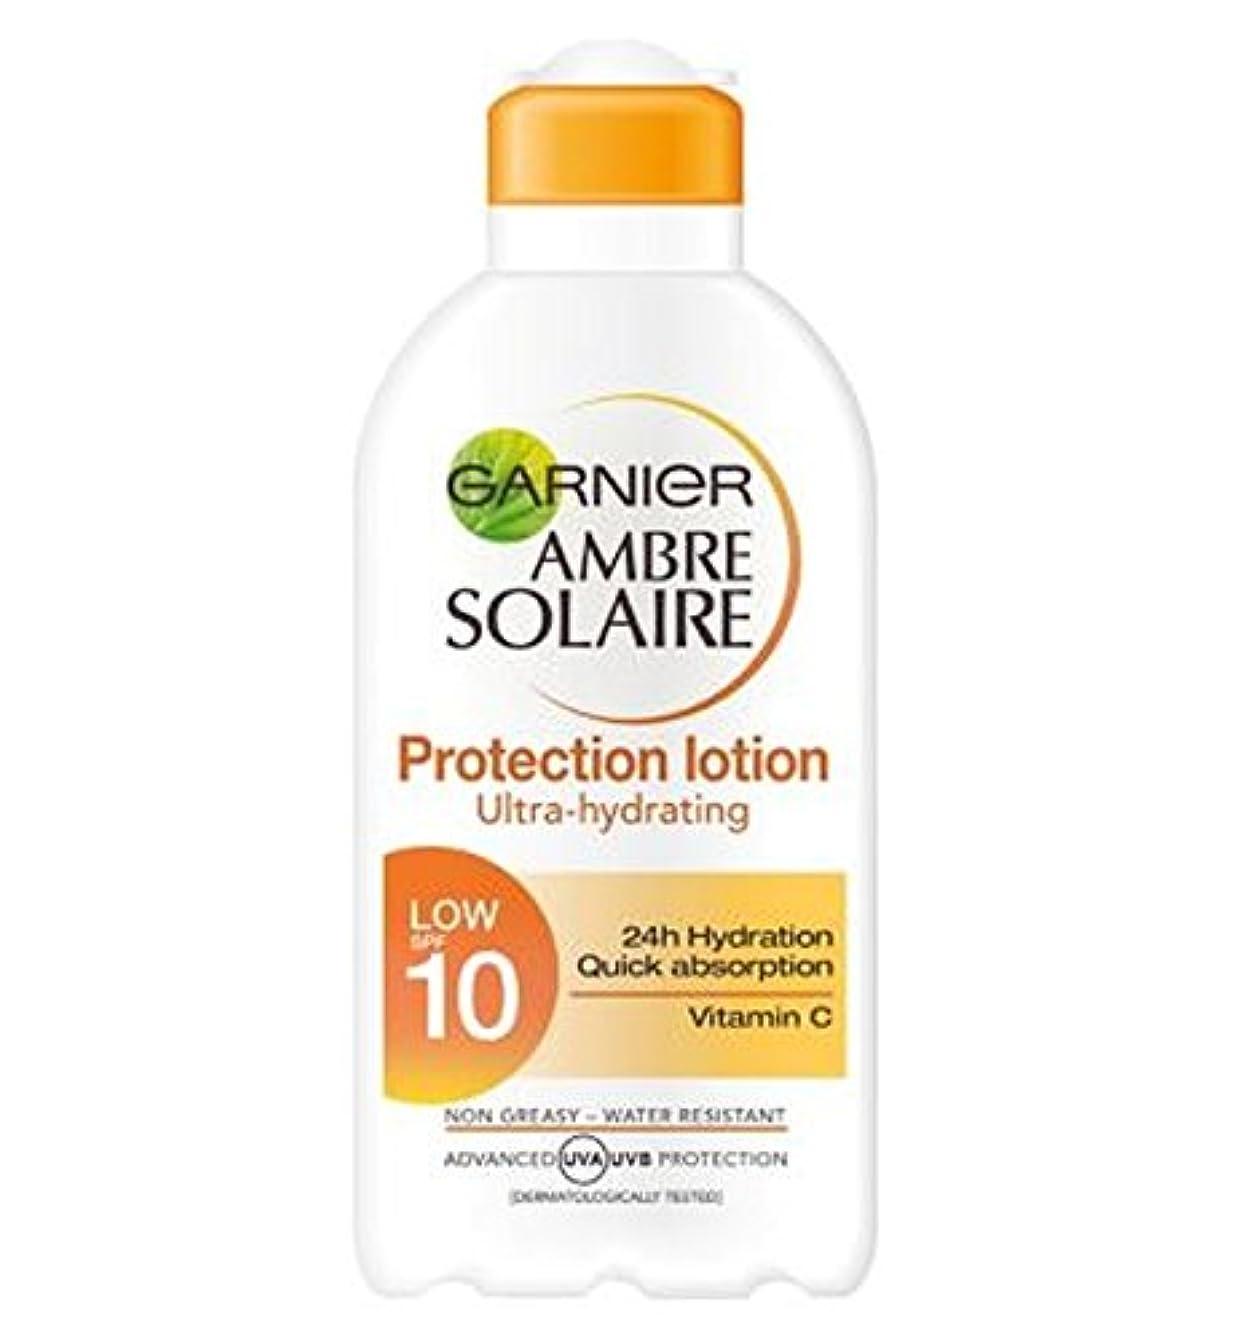 銅玉裁判所ガルニエアンブレSolaire保護ローションSpf10の200ミリリットル (Garnier) (x2) - Garnier Ambre Solaire Protection Lotion SPF10 200ml (Pack of 2) [並行輸入品]